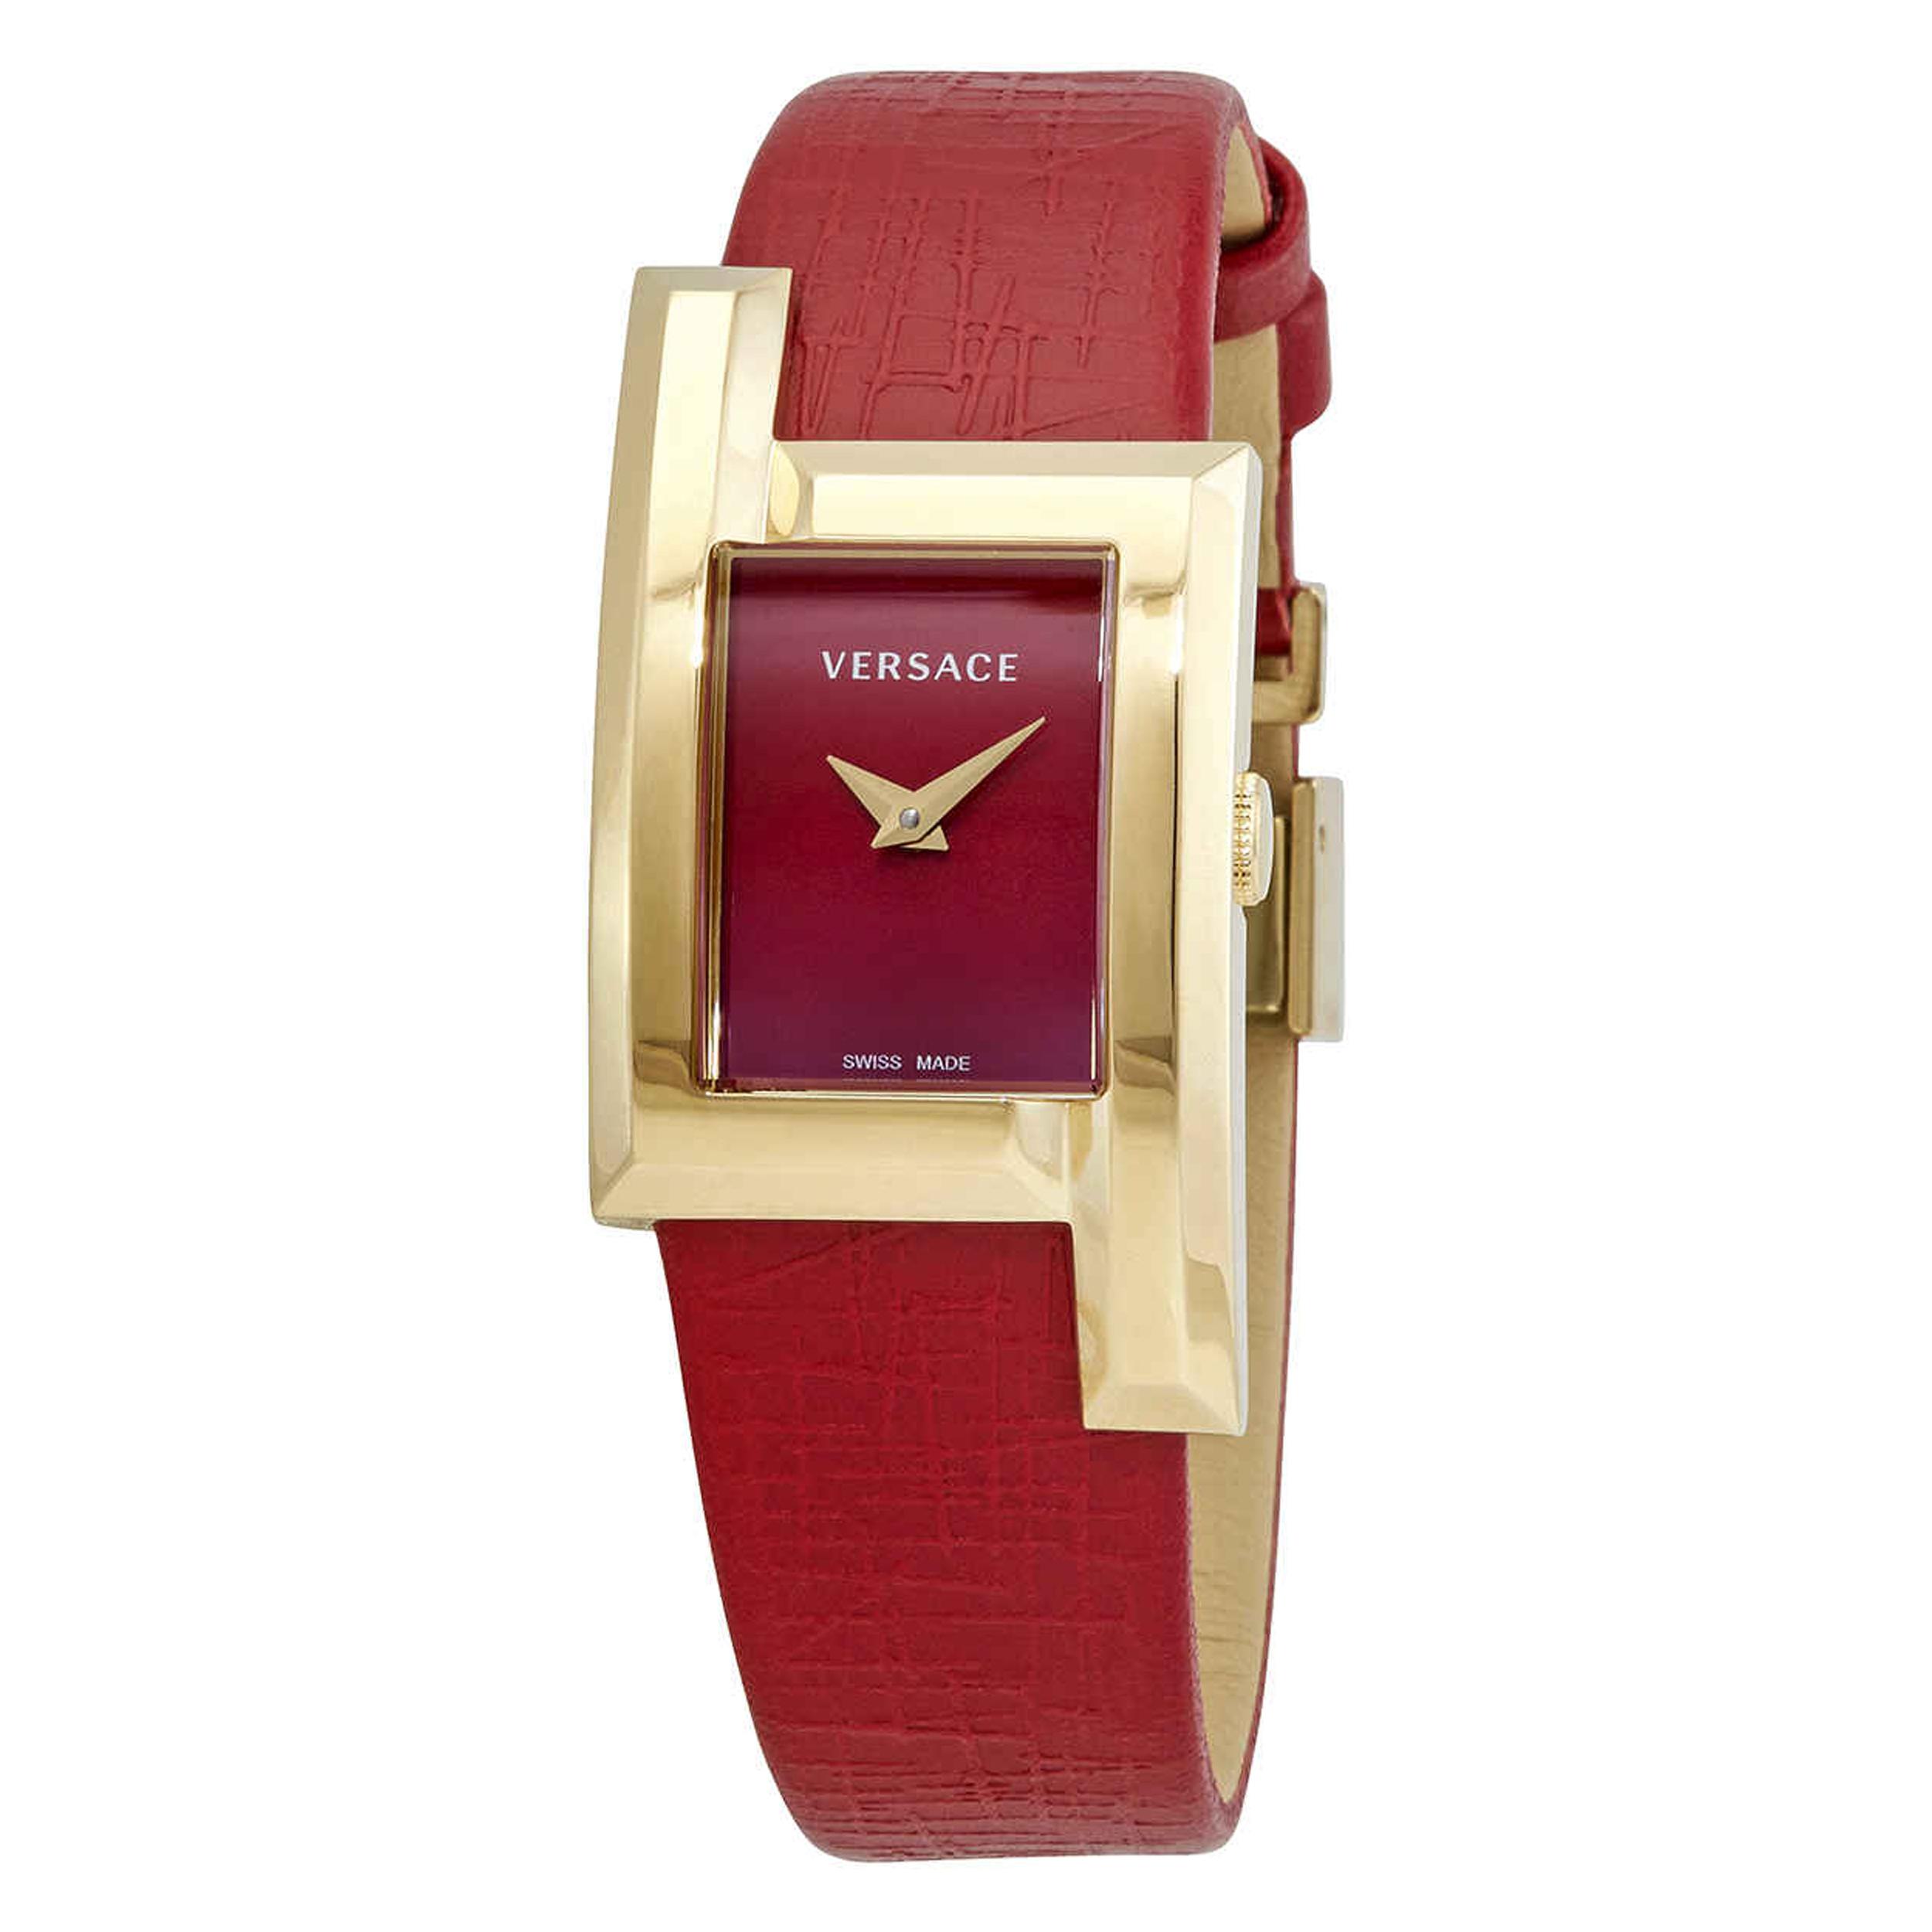 ساعت مچی عقربه ای زنانه ورساچه مدل VELU003 19